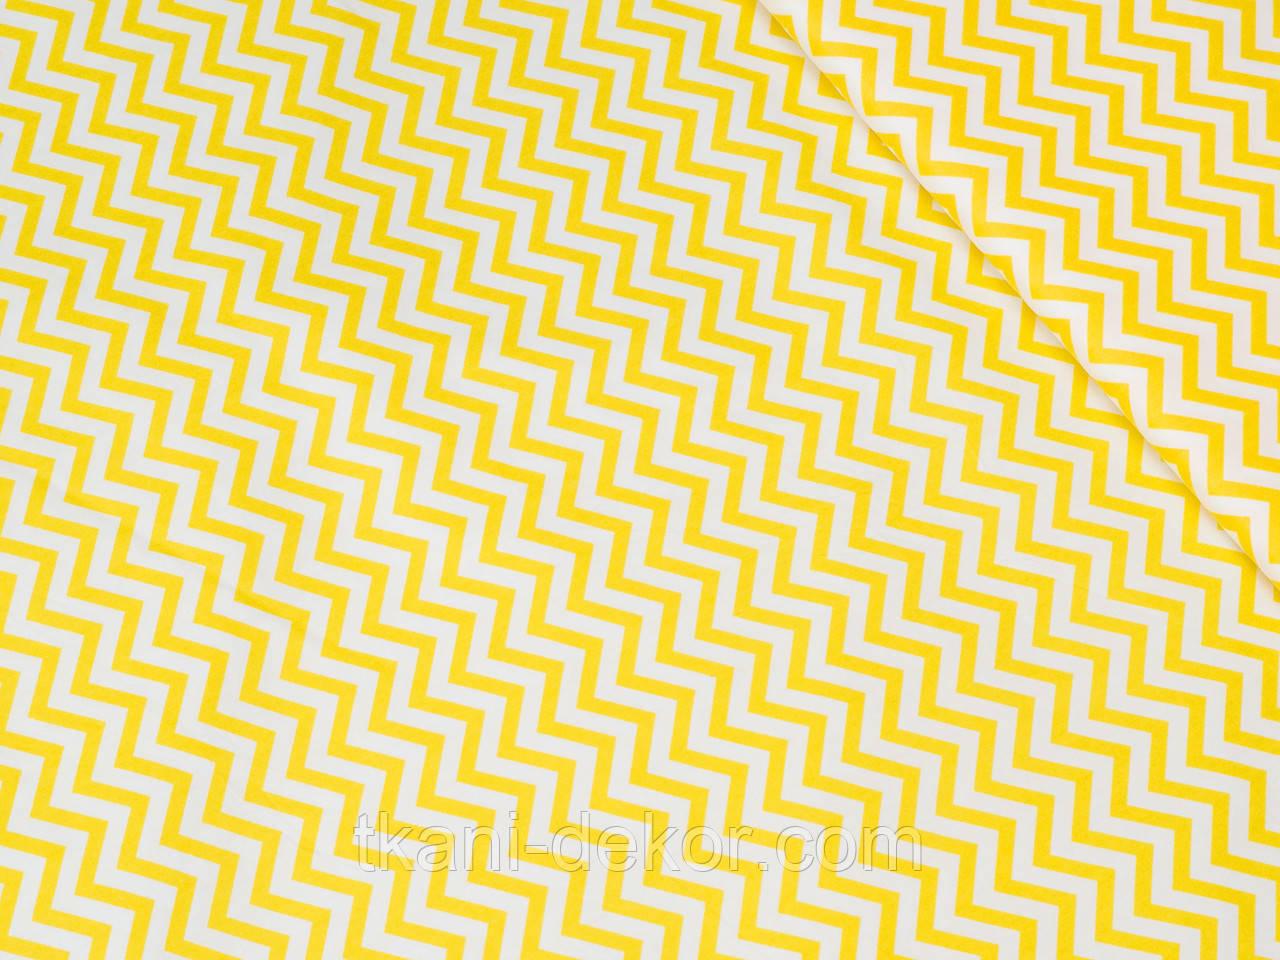 Сатин (хлопковая ткань) желтый зигзаг